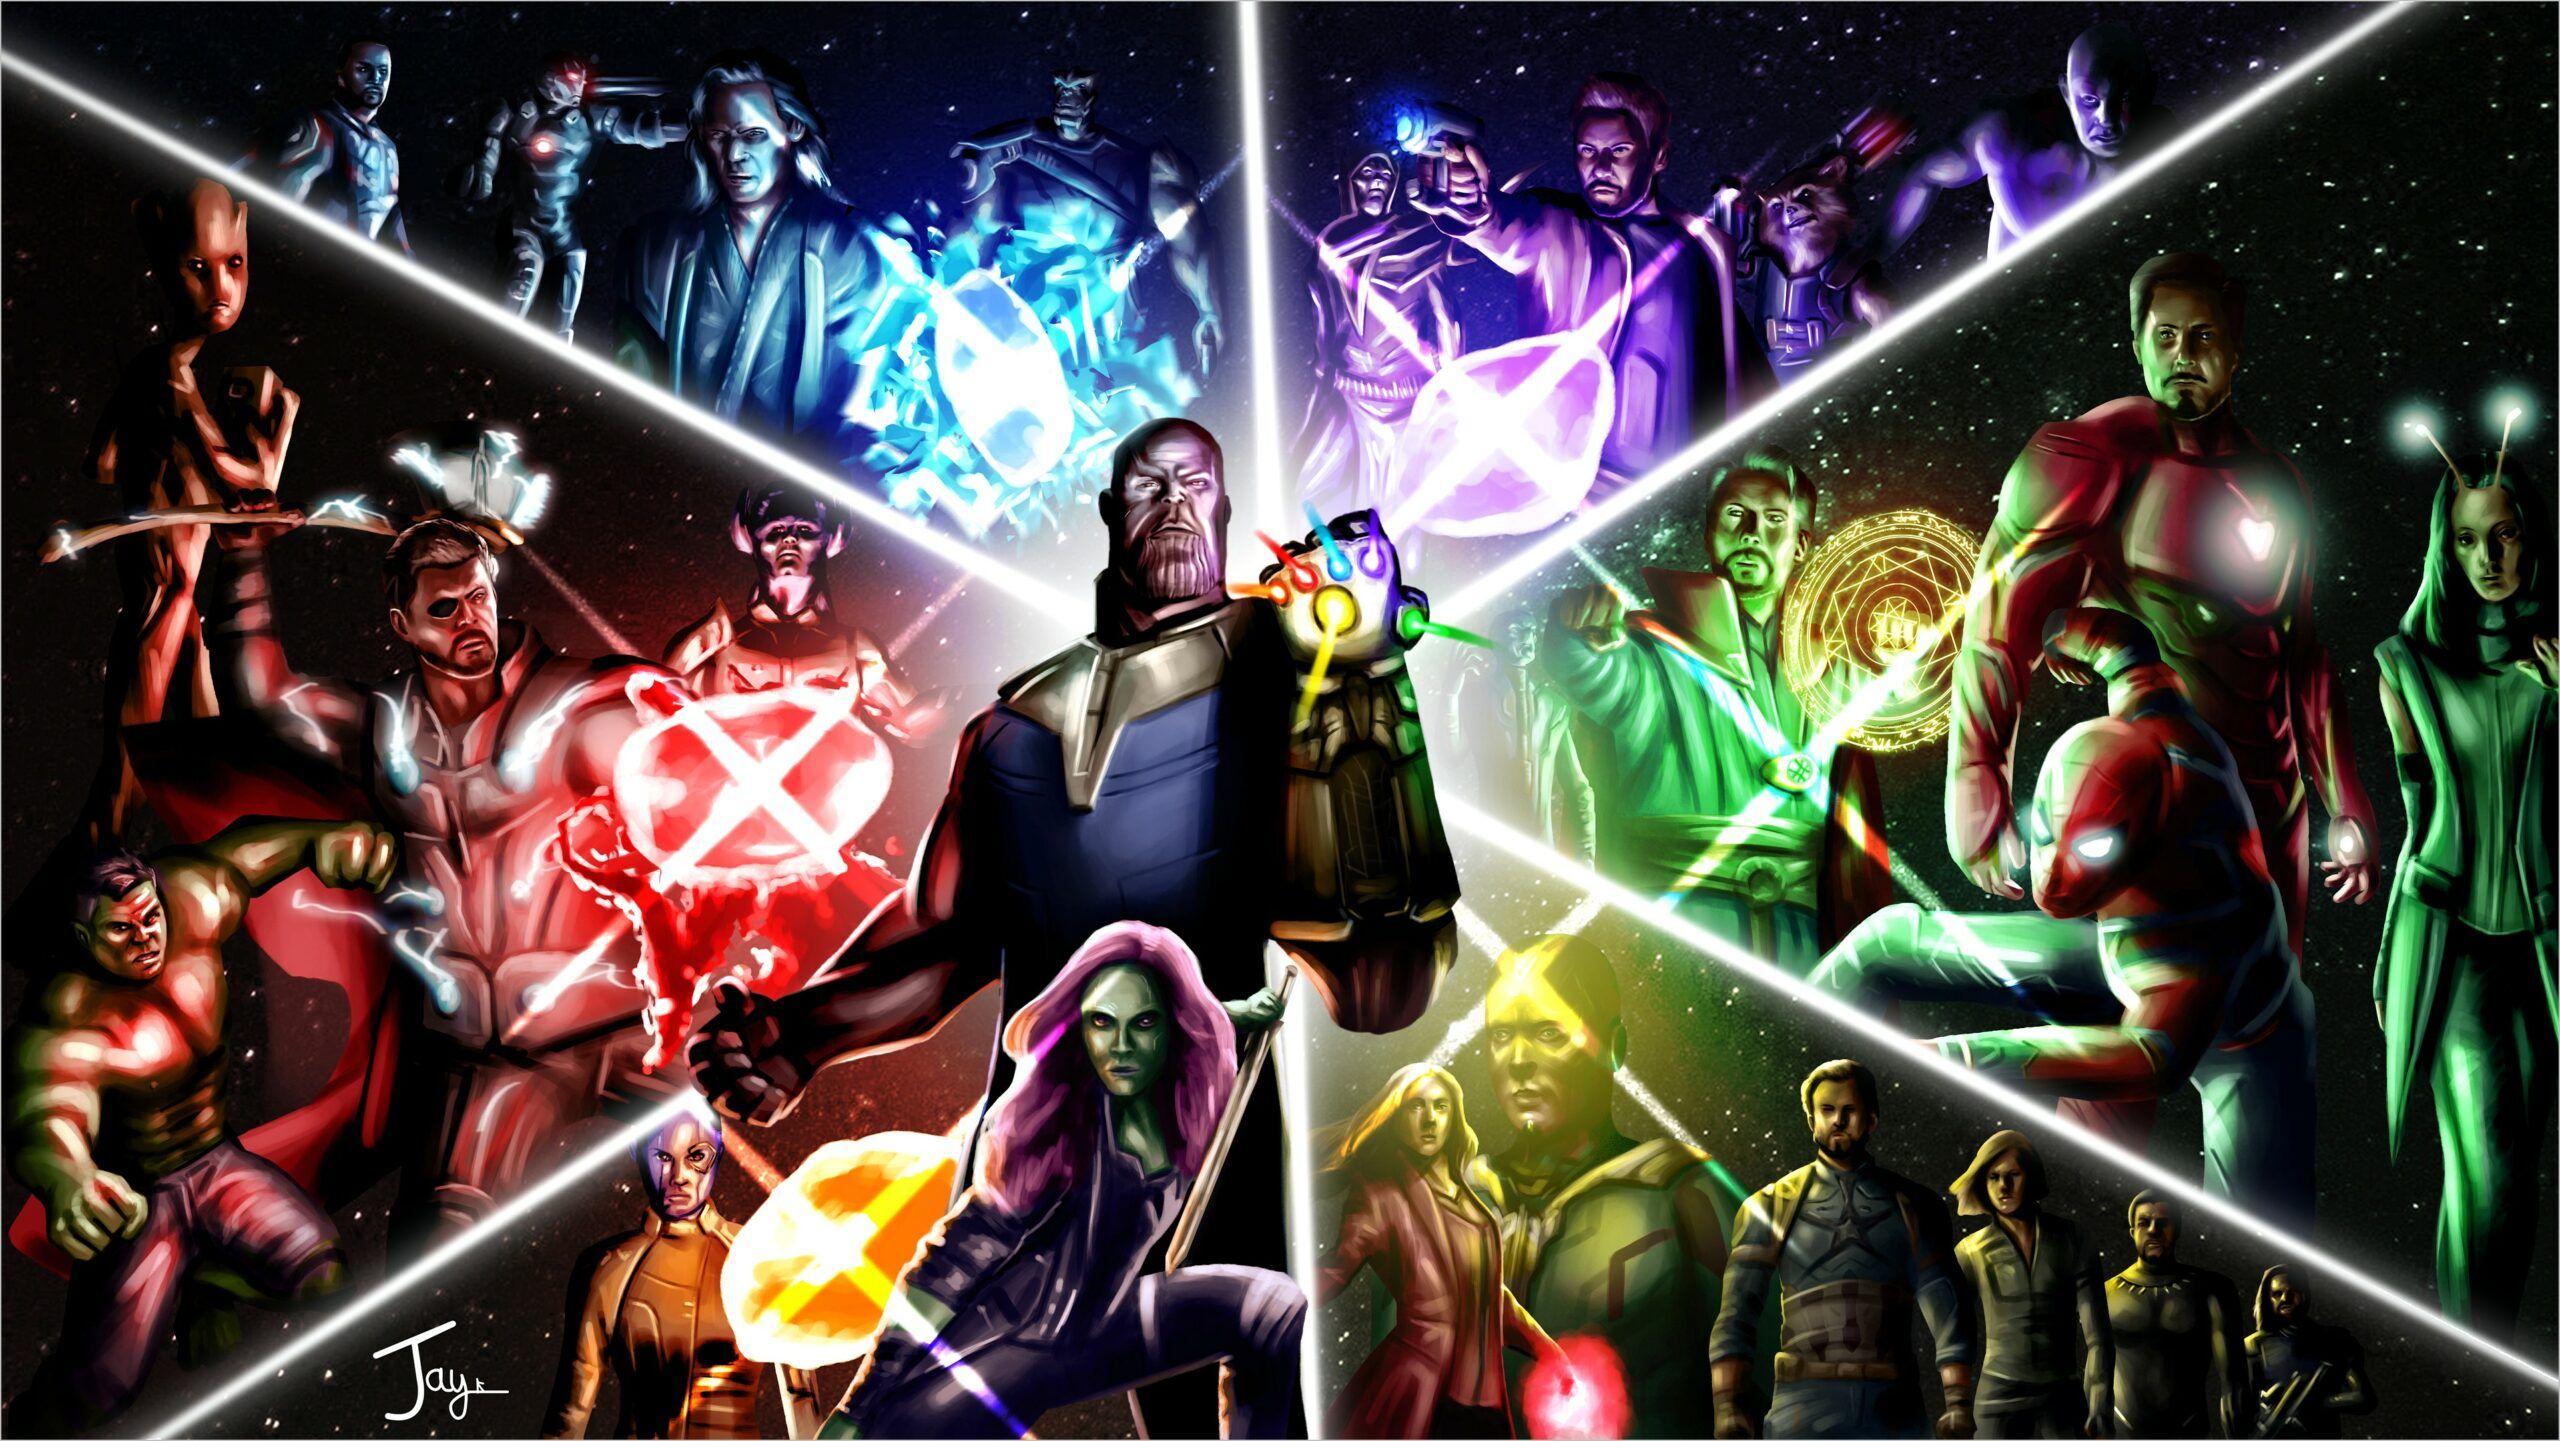 Avengers Painting 4k Wallpaper In 2020 Marvel Infinity War Movie Wallpapers Avengers Infinity War